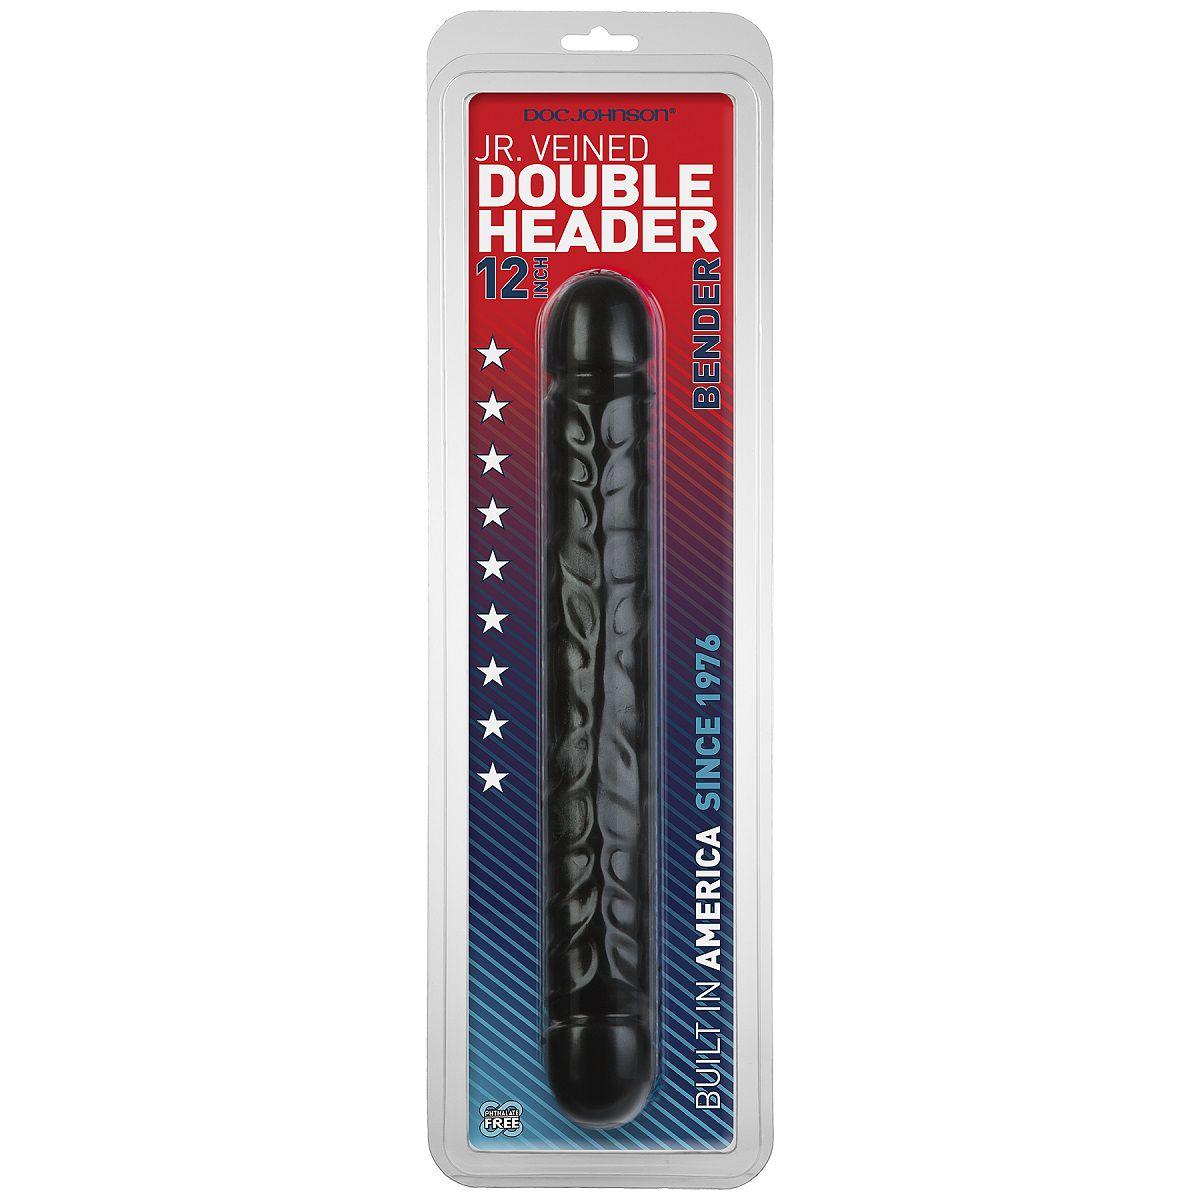 Черный двухголовый фаллоимитатор Jr. Veined Double Header 12  Bender - 30,5 см. - фото 4654